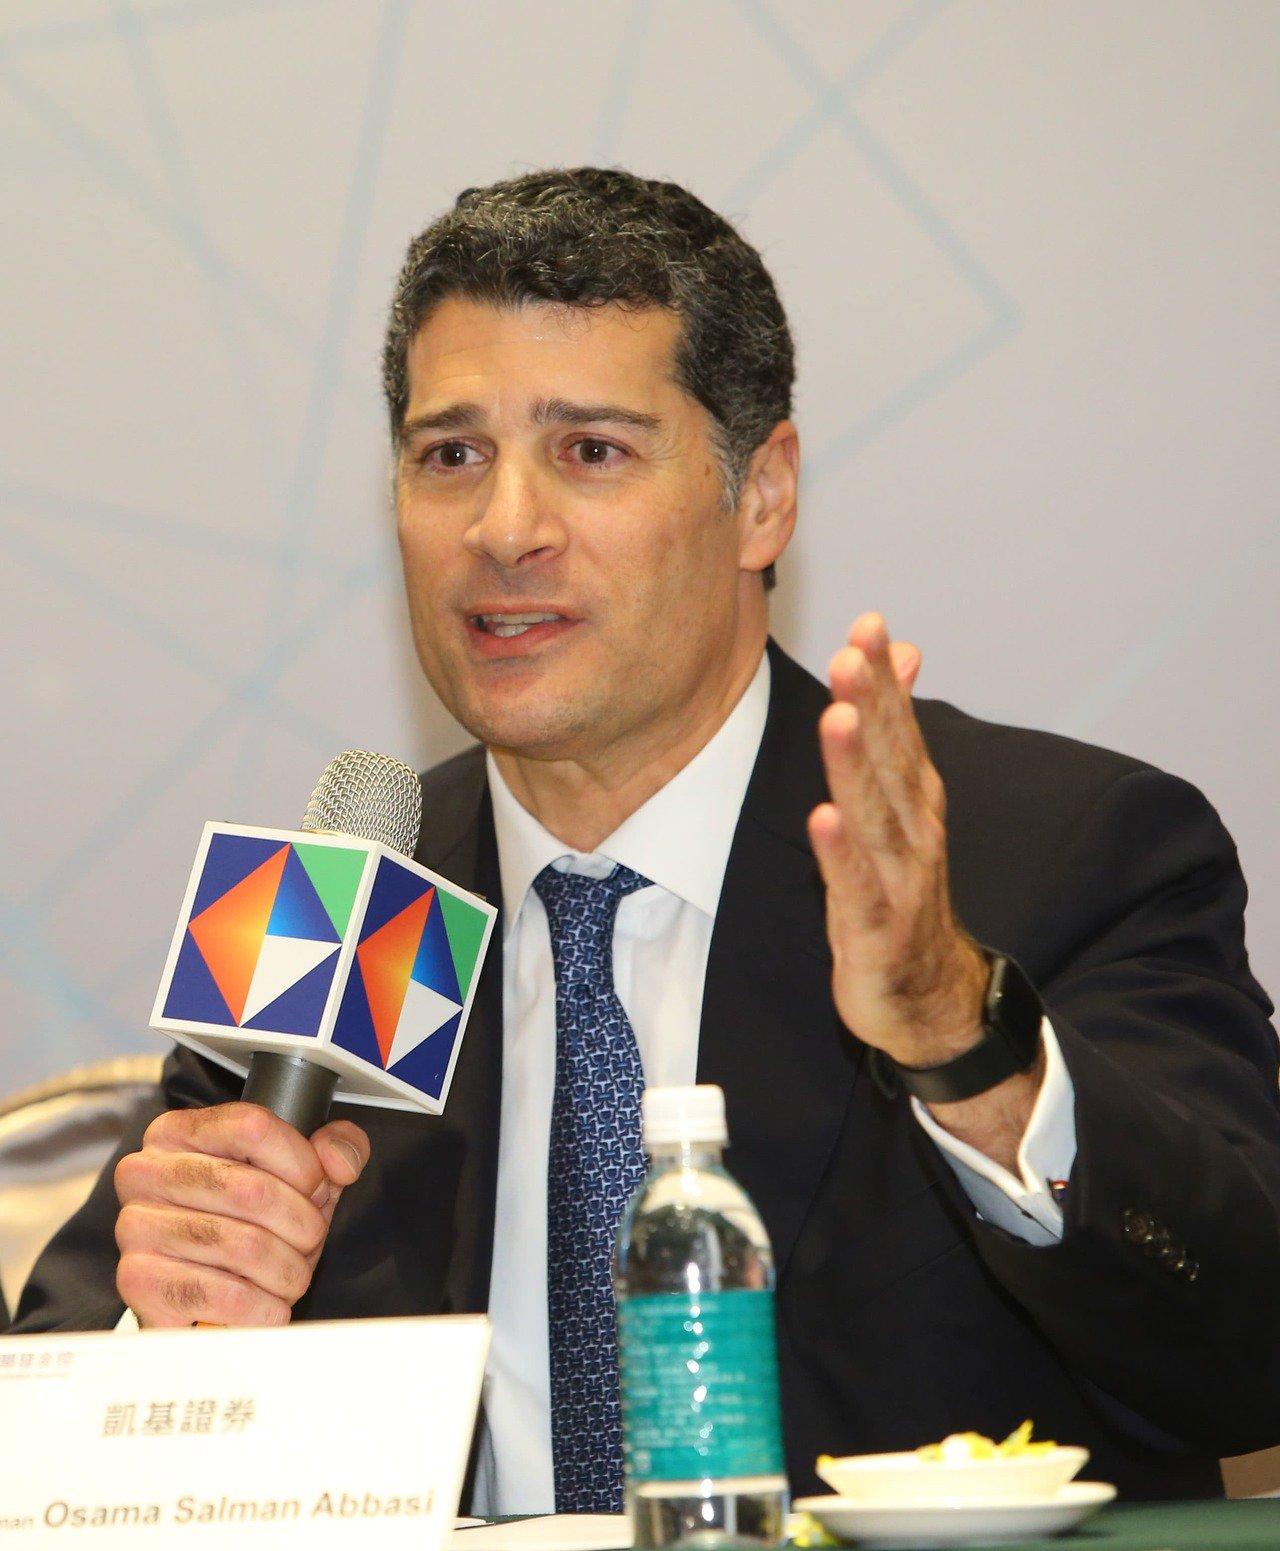 開發金控子公司凱基證券副董事長Osama S.Abbasi將兼任總經理。(開發金...